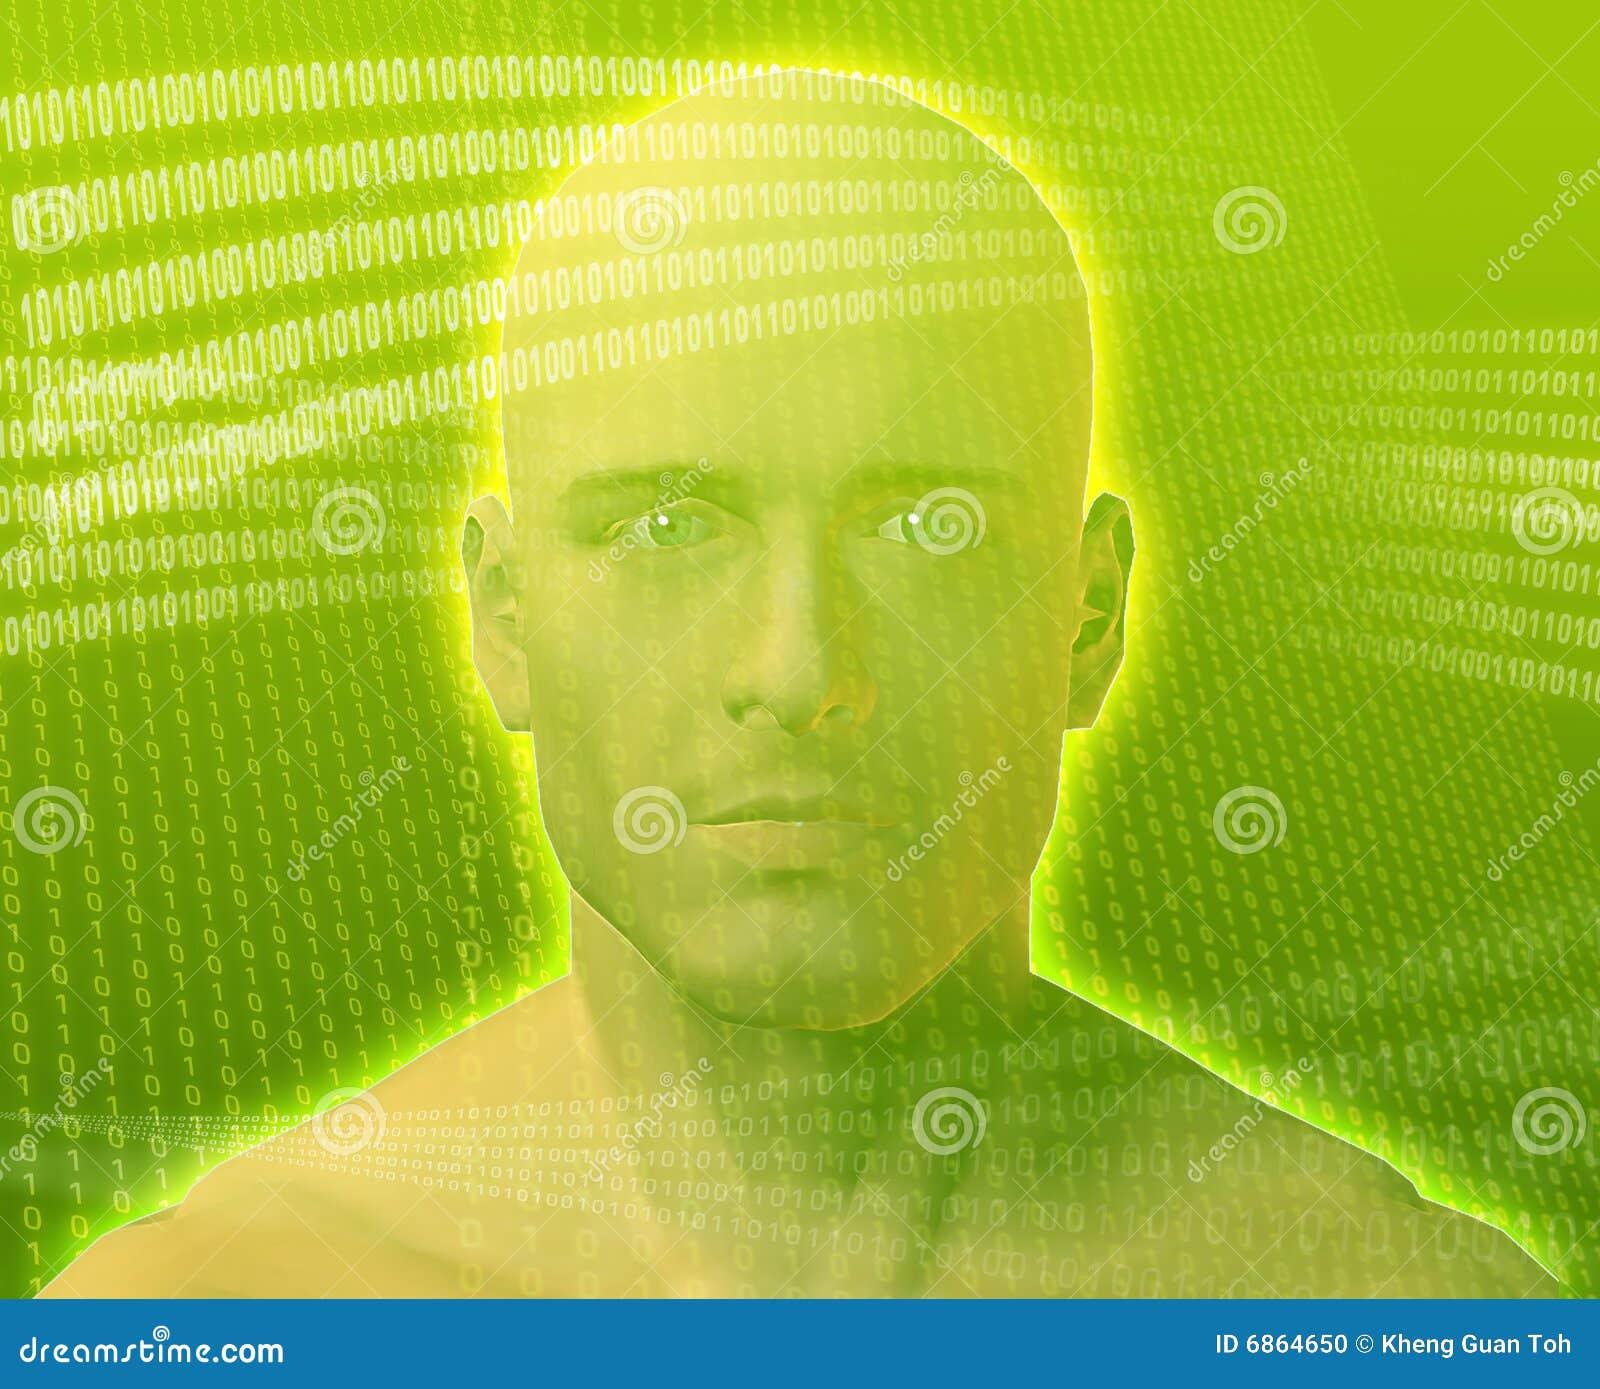 цифровой человек